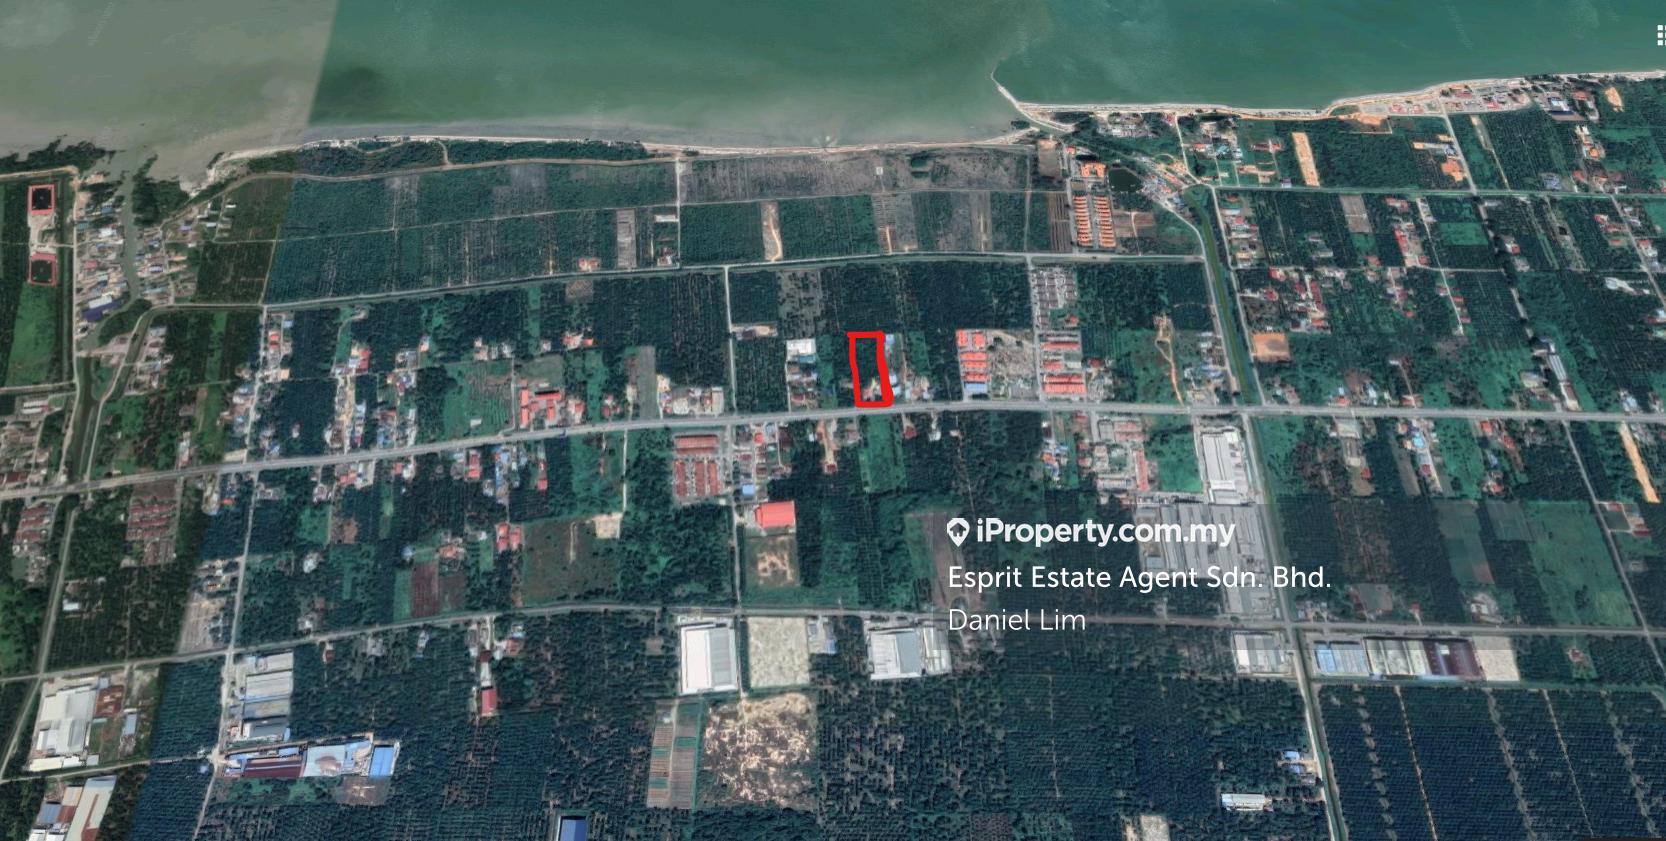 农业地 出售 2.168 acres AGRICULTURE LAND, Kapar, Sasaran, Kuala Selangor, Jeram